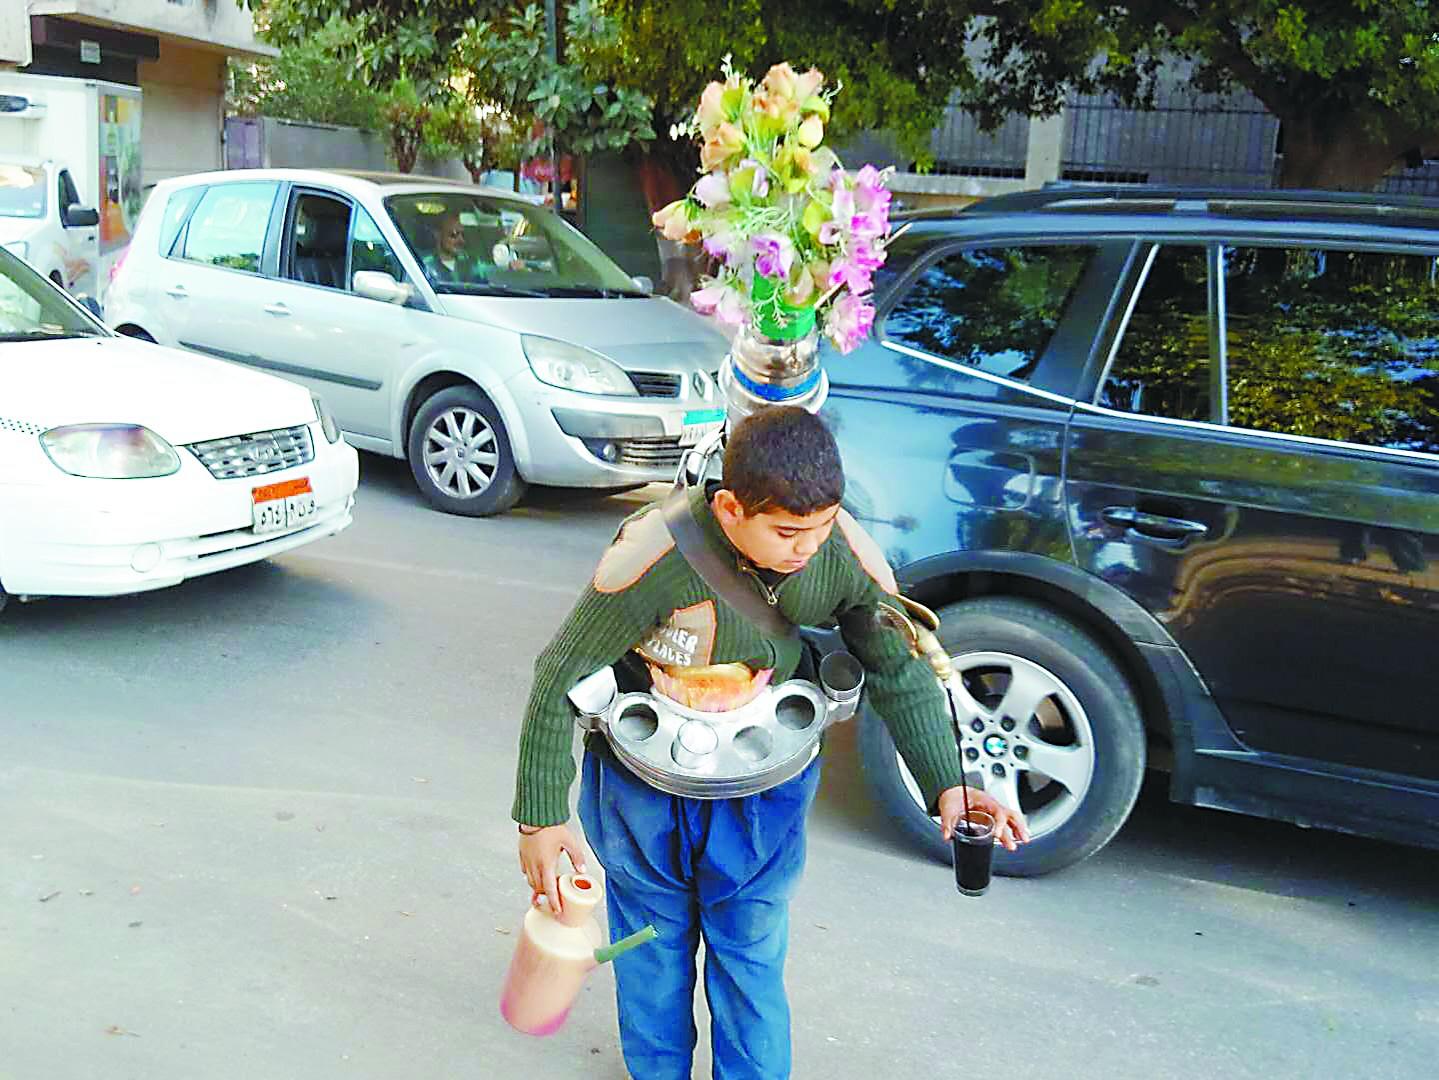 腰間斜挎大水壺 負重二十多公斤 開羅少年插着玫瑰花賣水